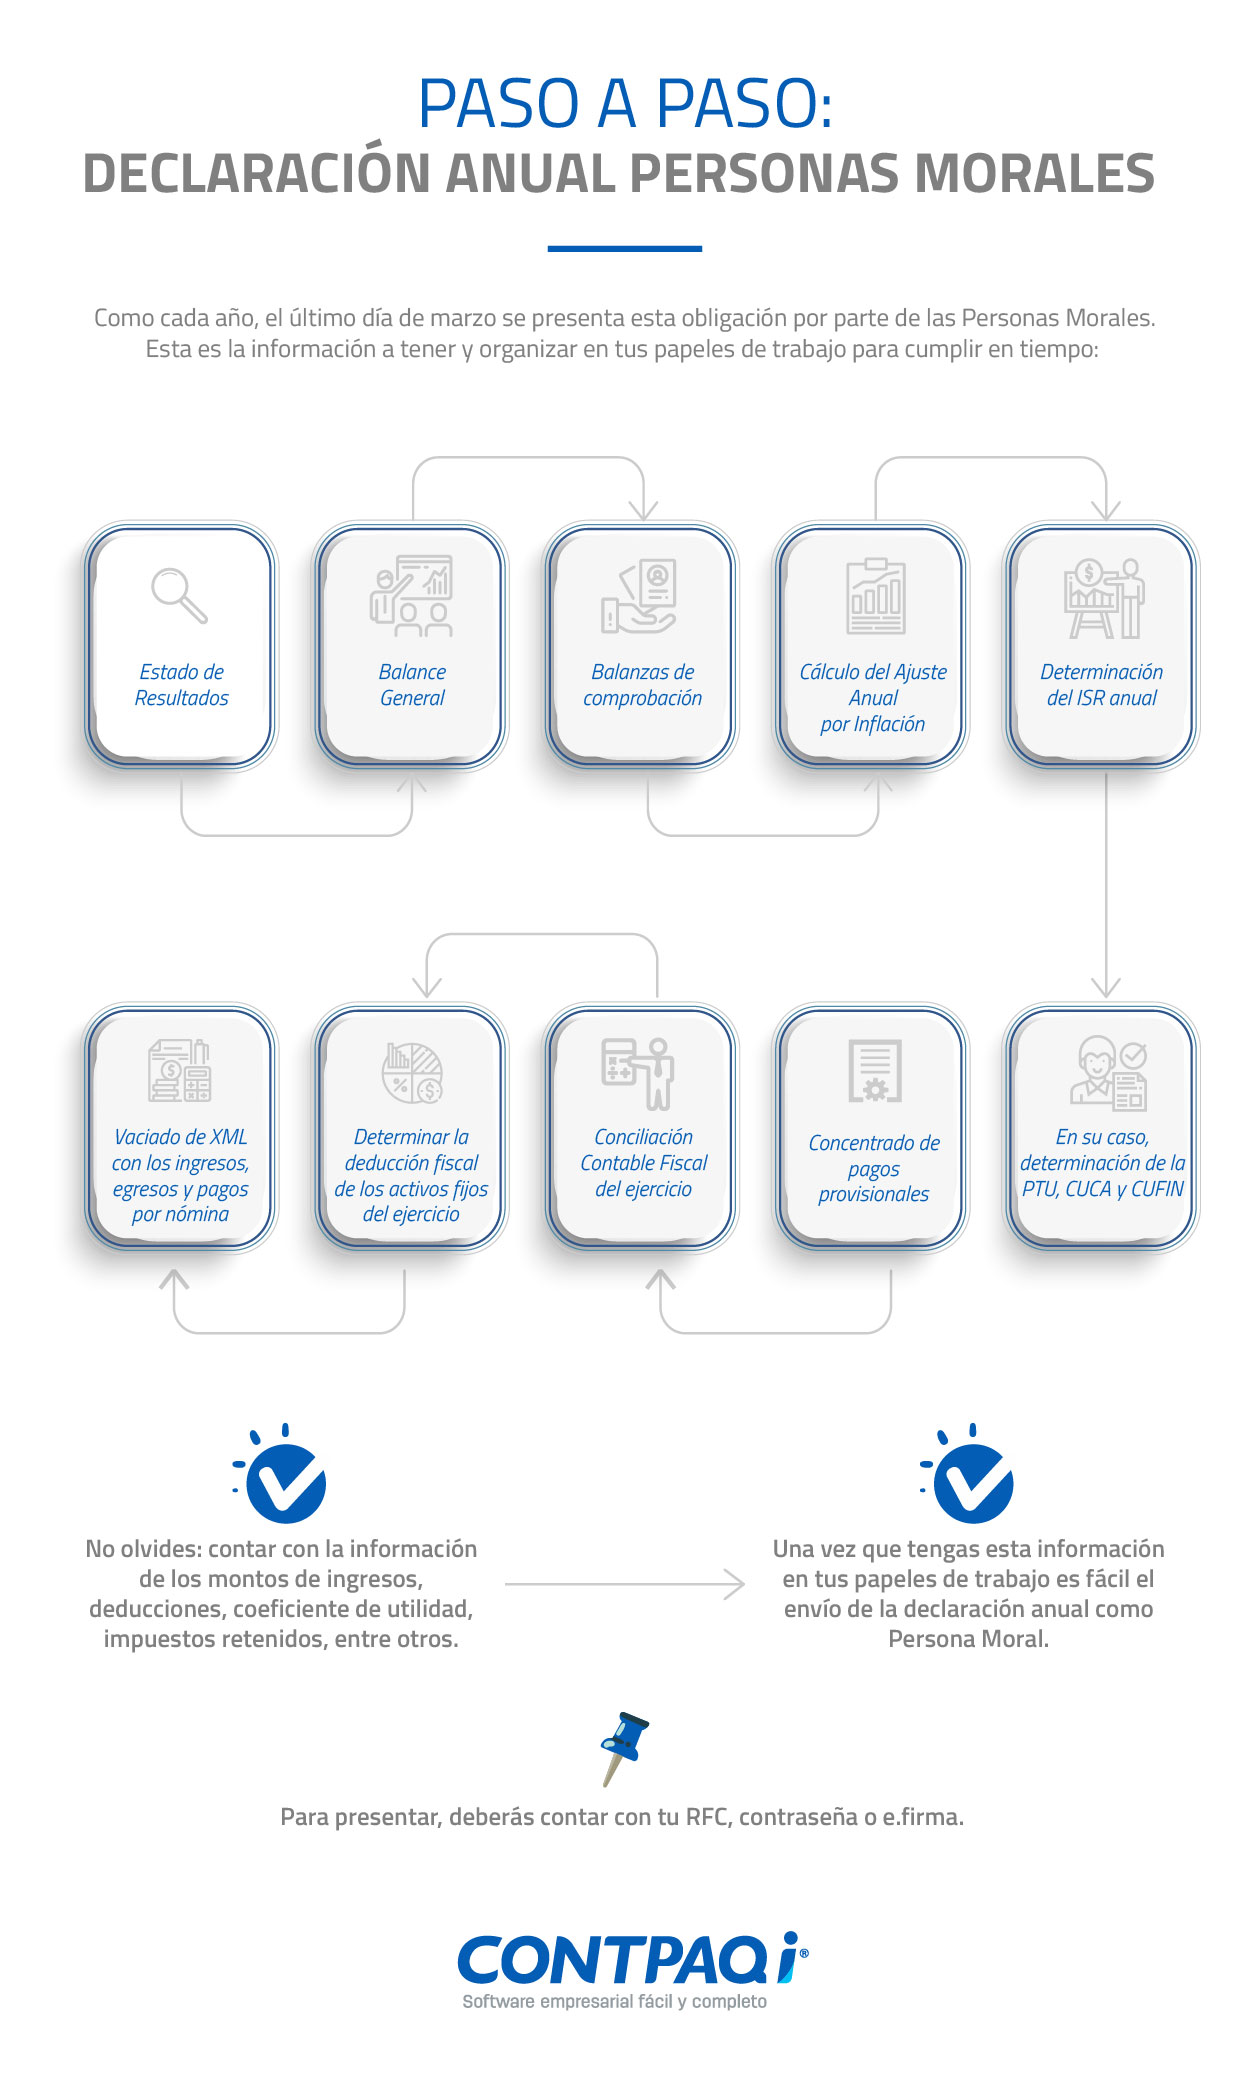 Infografia Información para Declaración Anual Personas Morales 2019